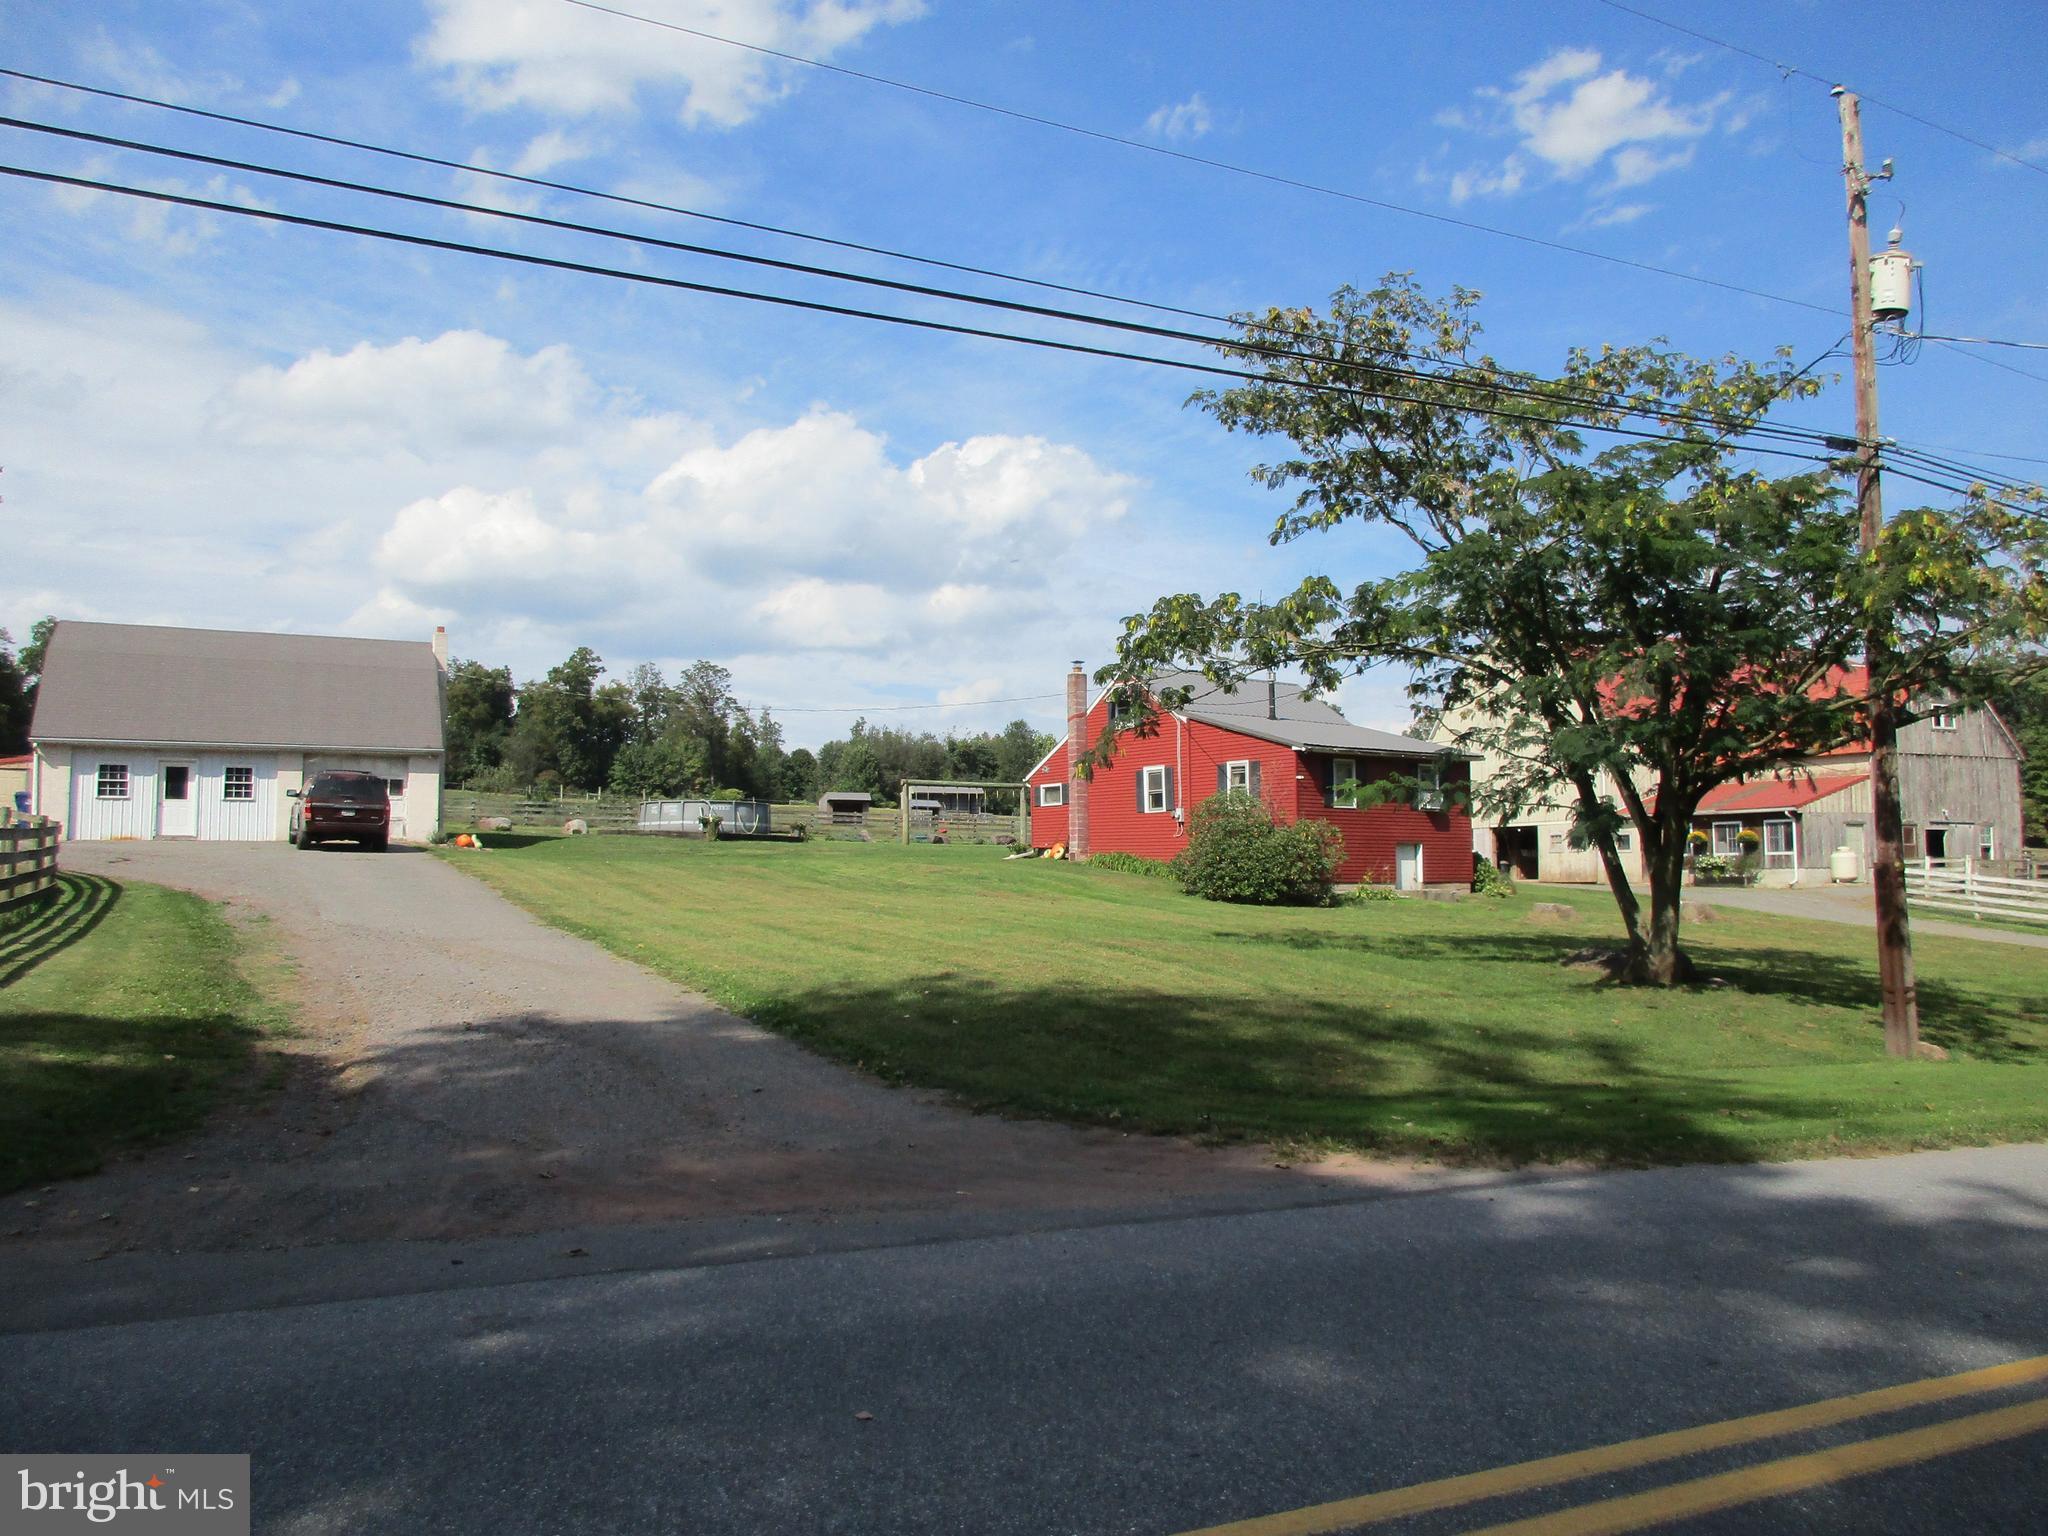 499 YELLOW HILL ROAD, NARVON, PA 17555